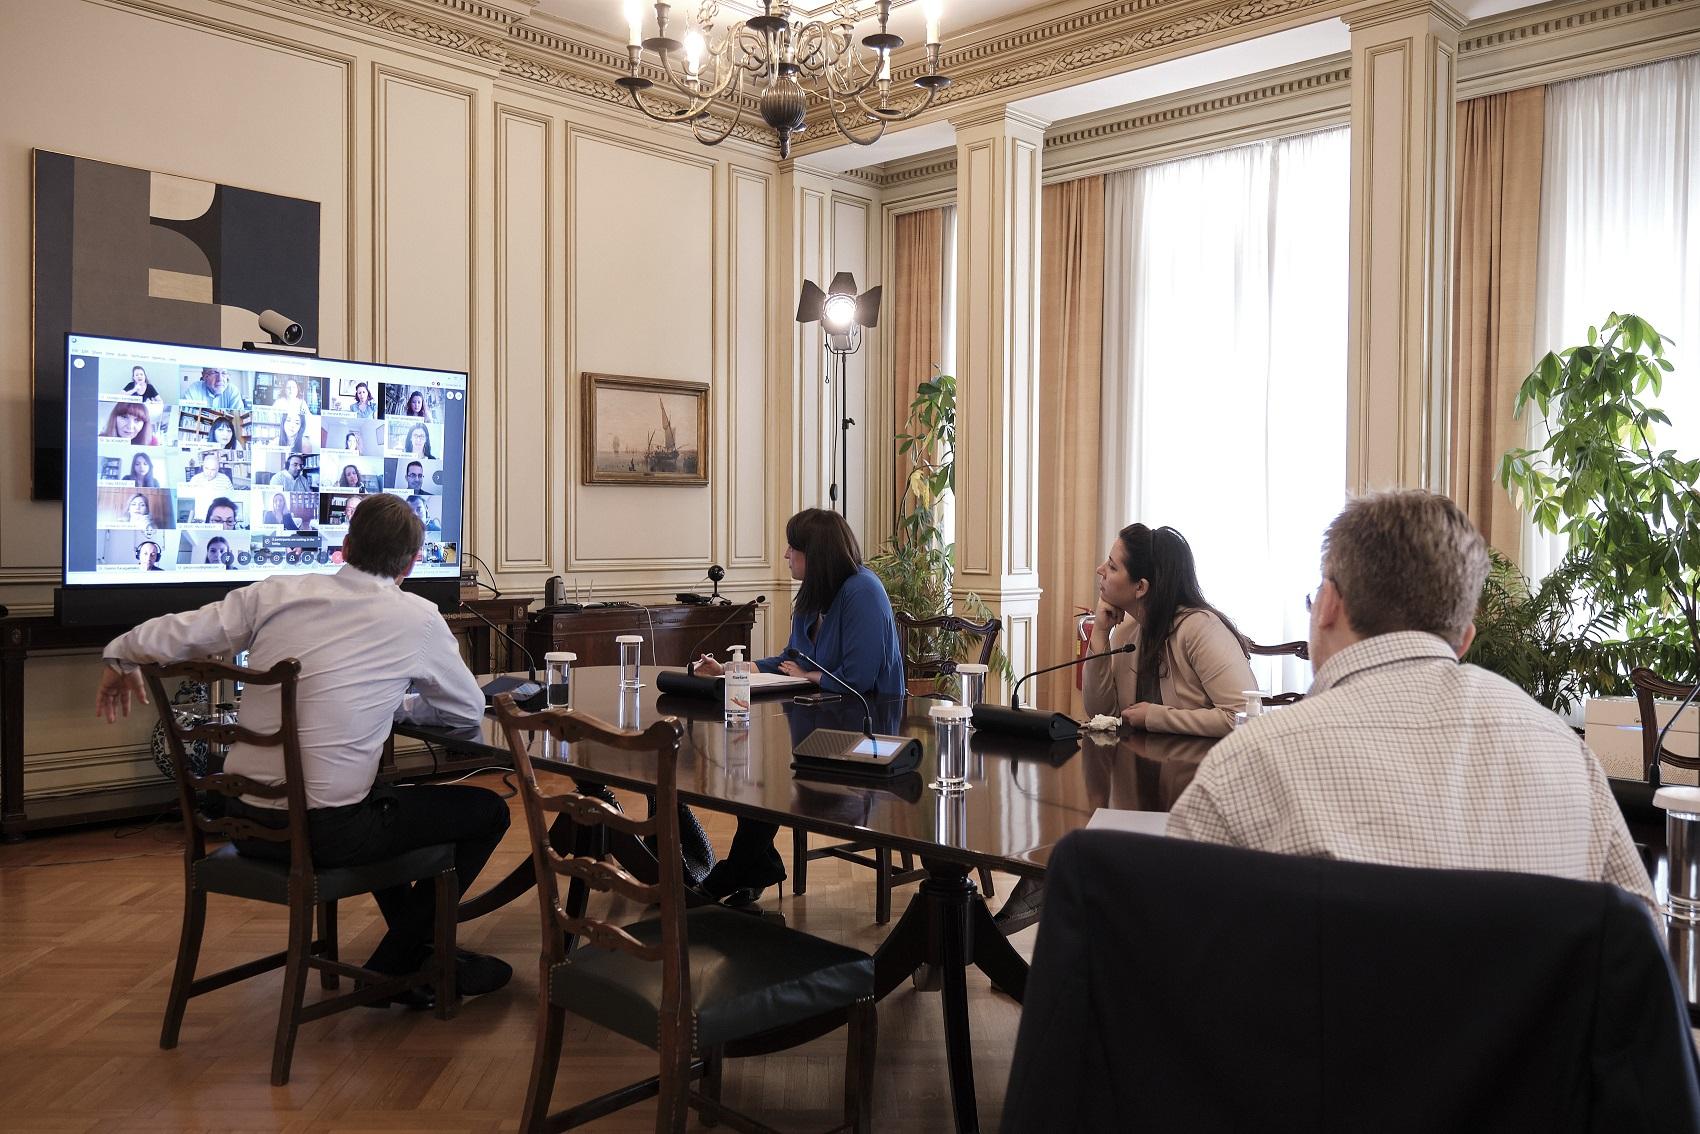 Τηλεδιάσκεψη Κυρ. Μητσοτάκη με εκπαιδευτικούς που συμμετείχαν στα μαθήματα εκπαιδευτικής τηλεόρασης